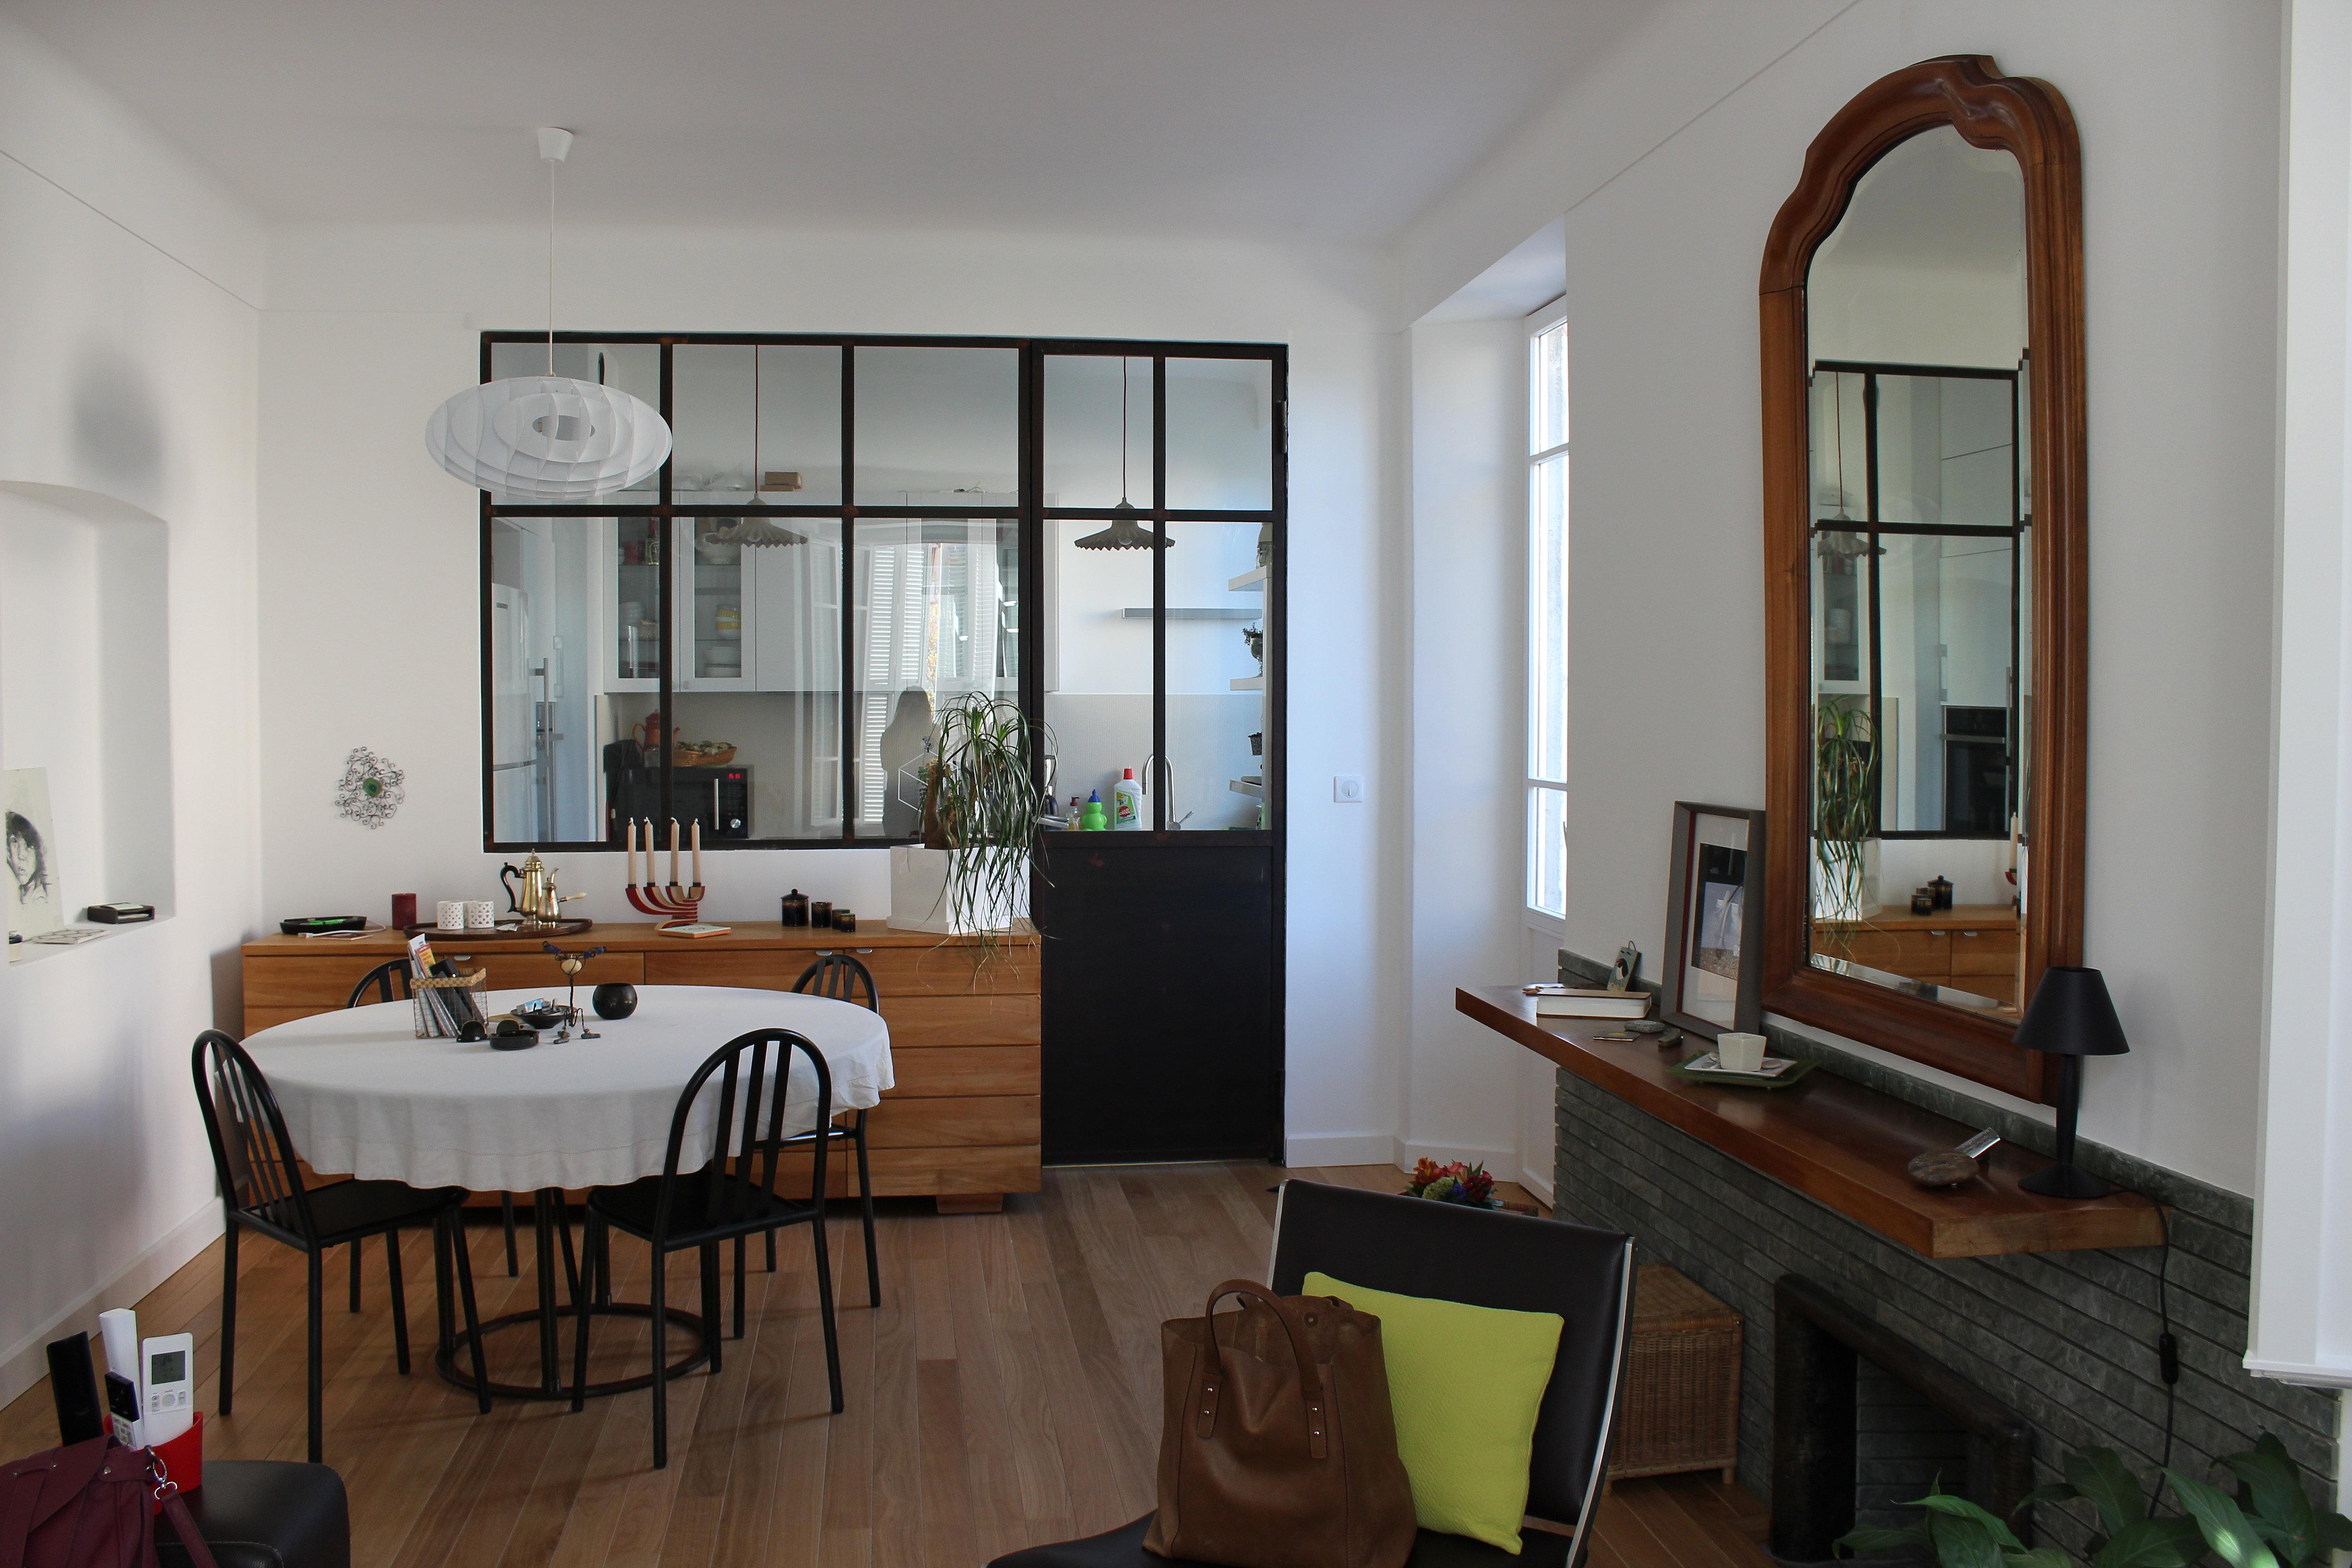 Maison de ville architecture intérieure design célia santoni ajaccio